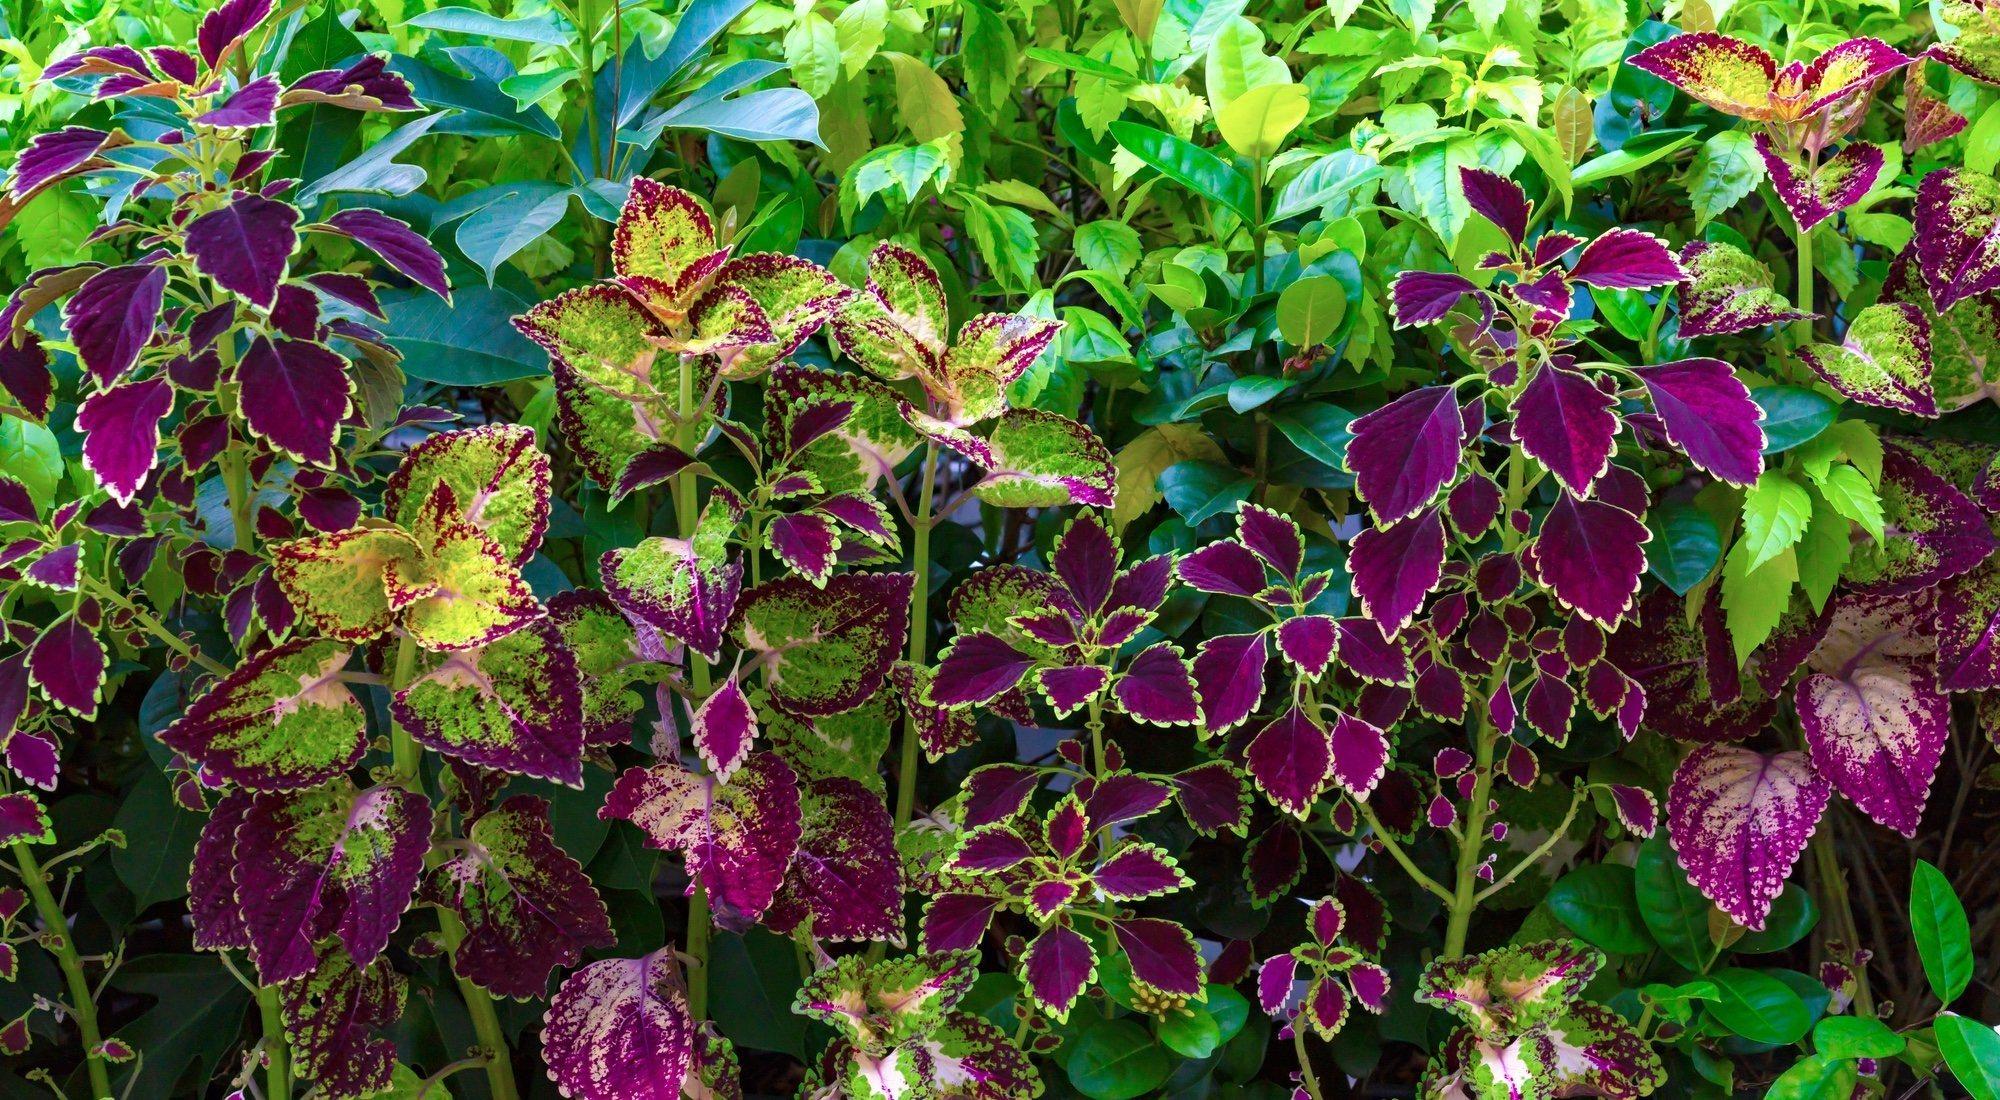 Que planta natural es buena para adelgazar